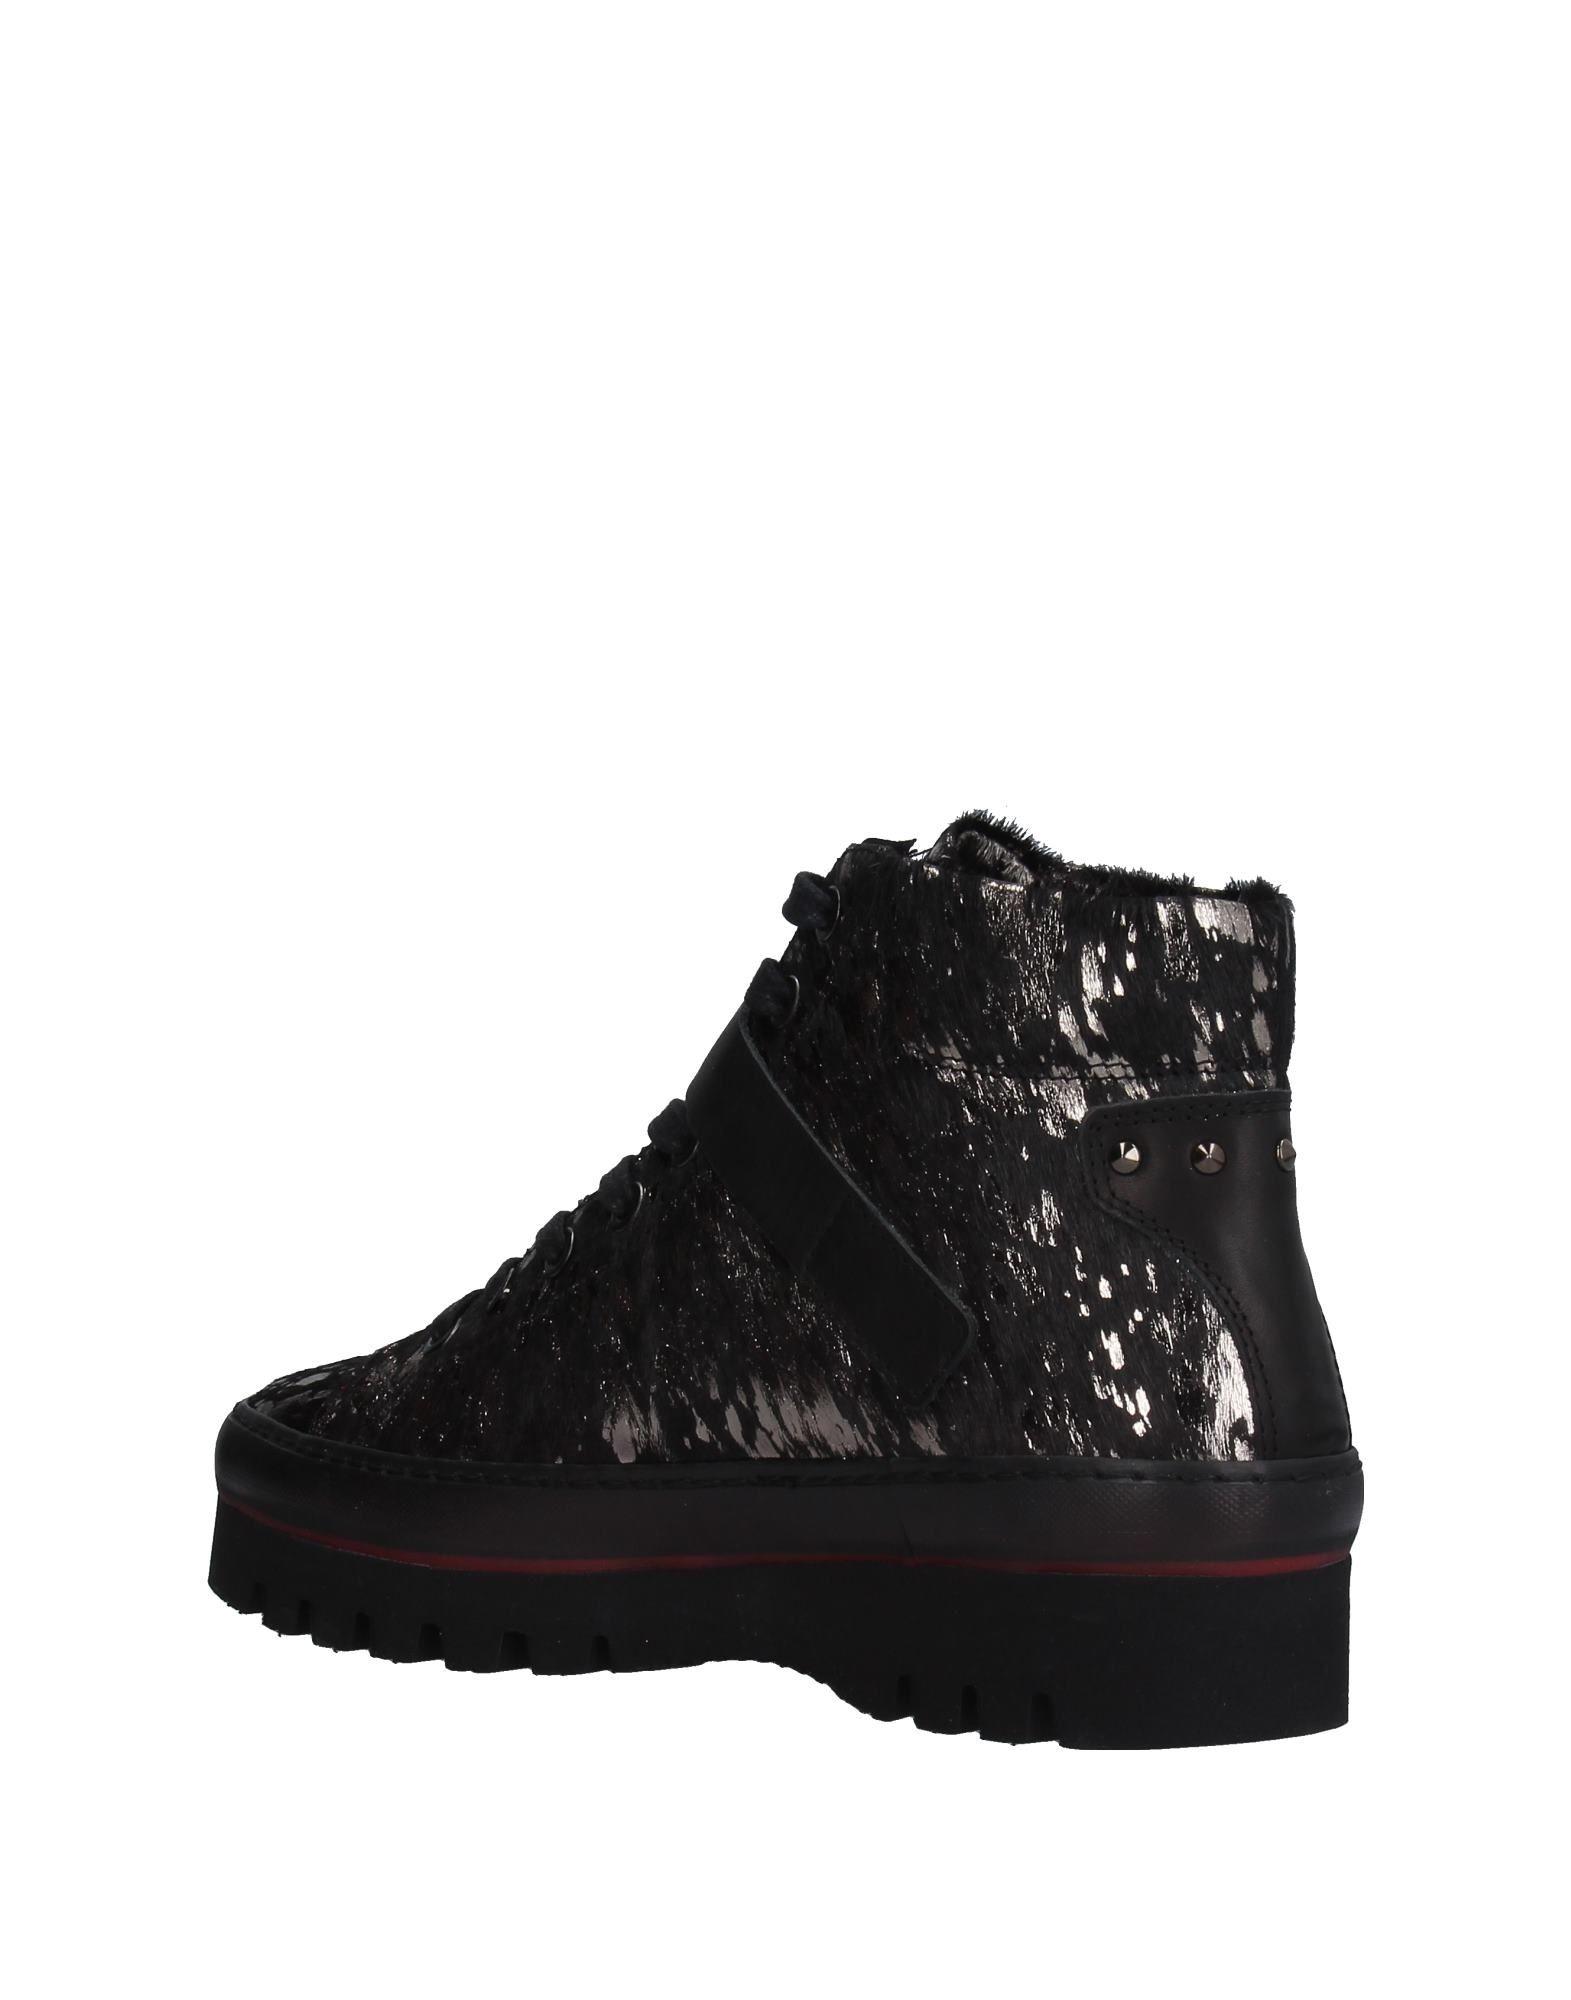 Khrio' Gute Sneakers Damen  11234101DB Gute Khrio' Qualität beliebte Schuhe e53ec1